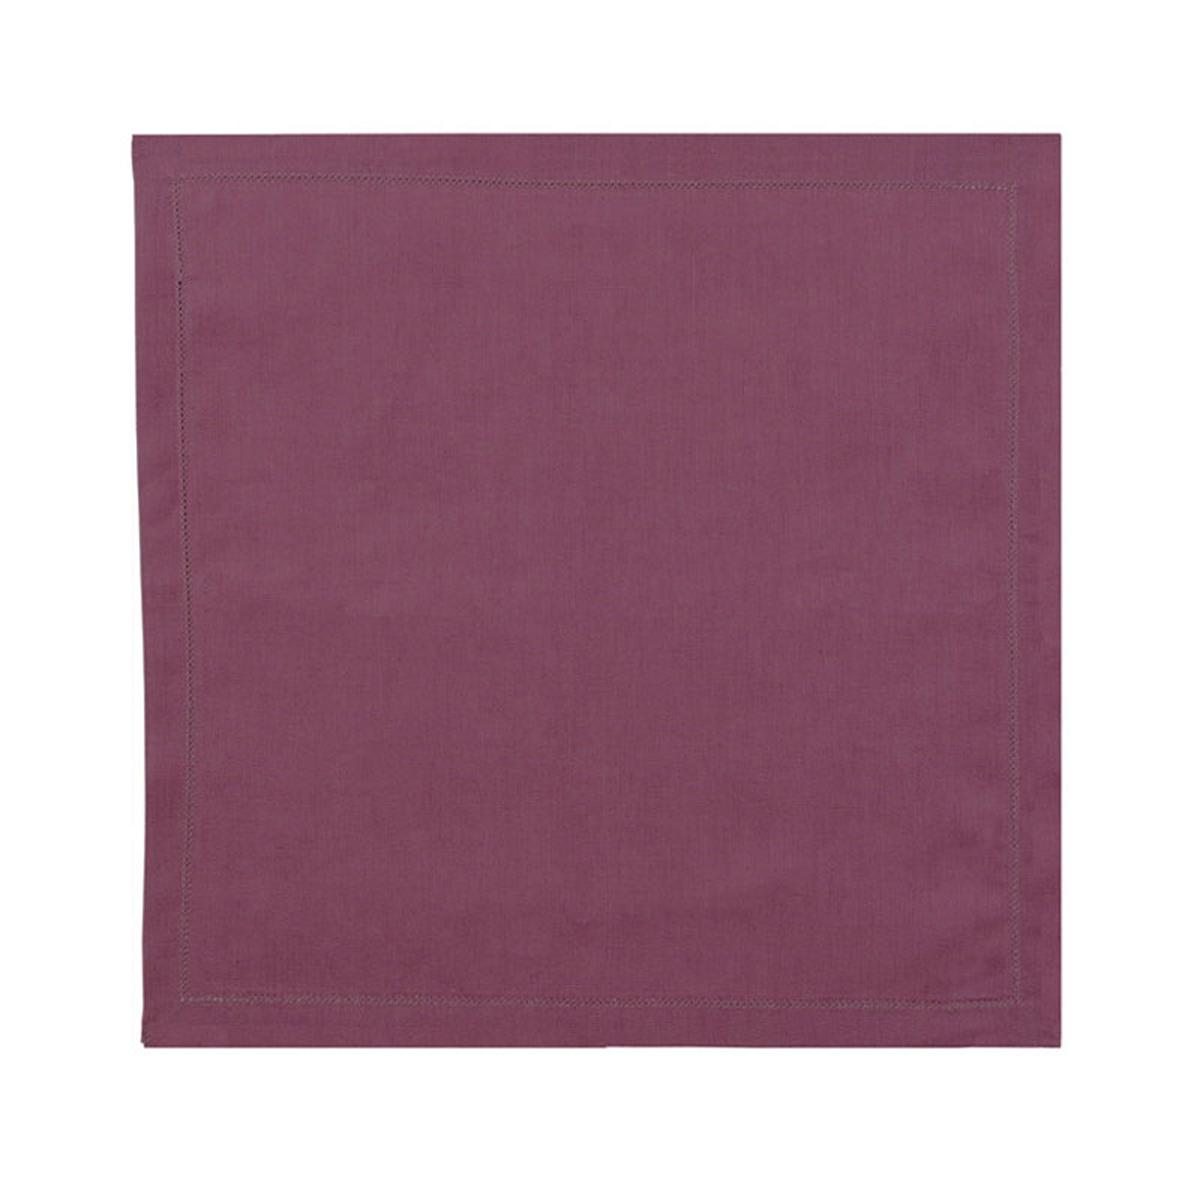 Serviette de table en lin violet 45x45